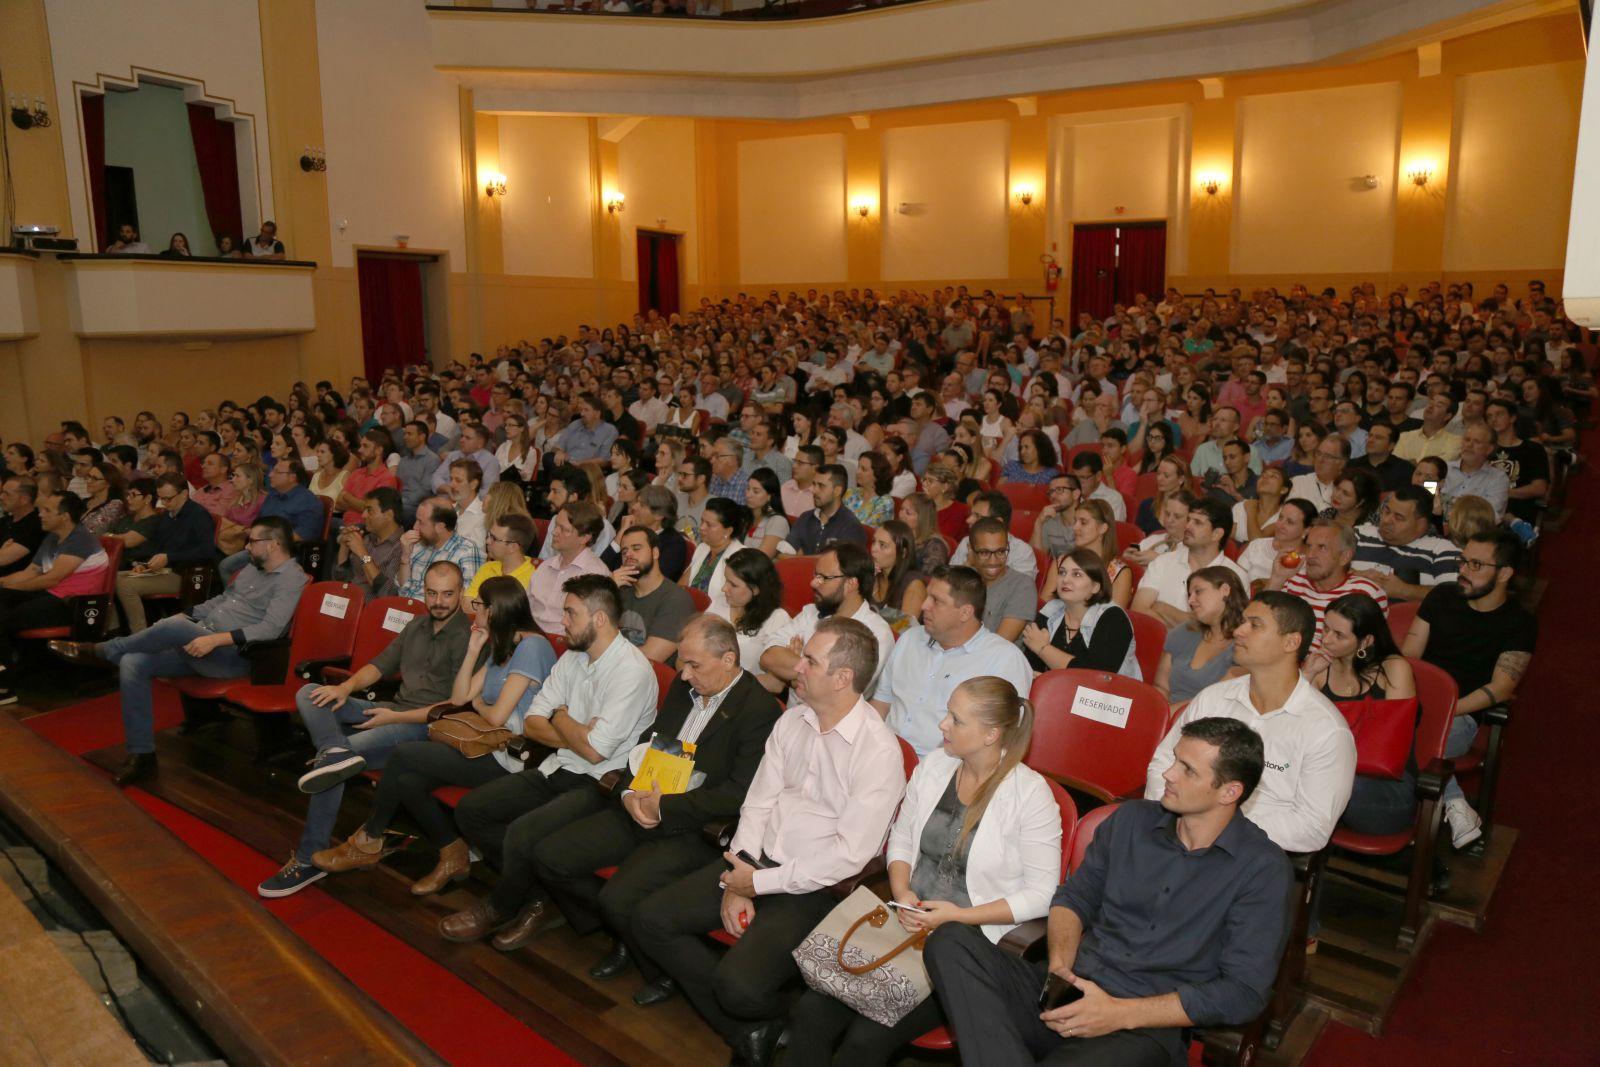 Público lota auditório para assistir à palestra de Miriam Leitão, em Blumenau